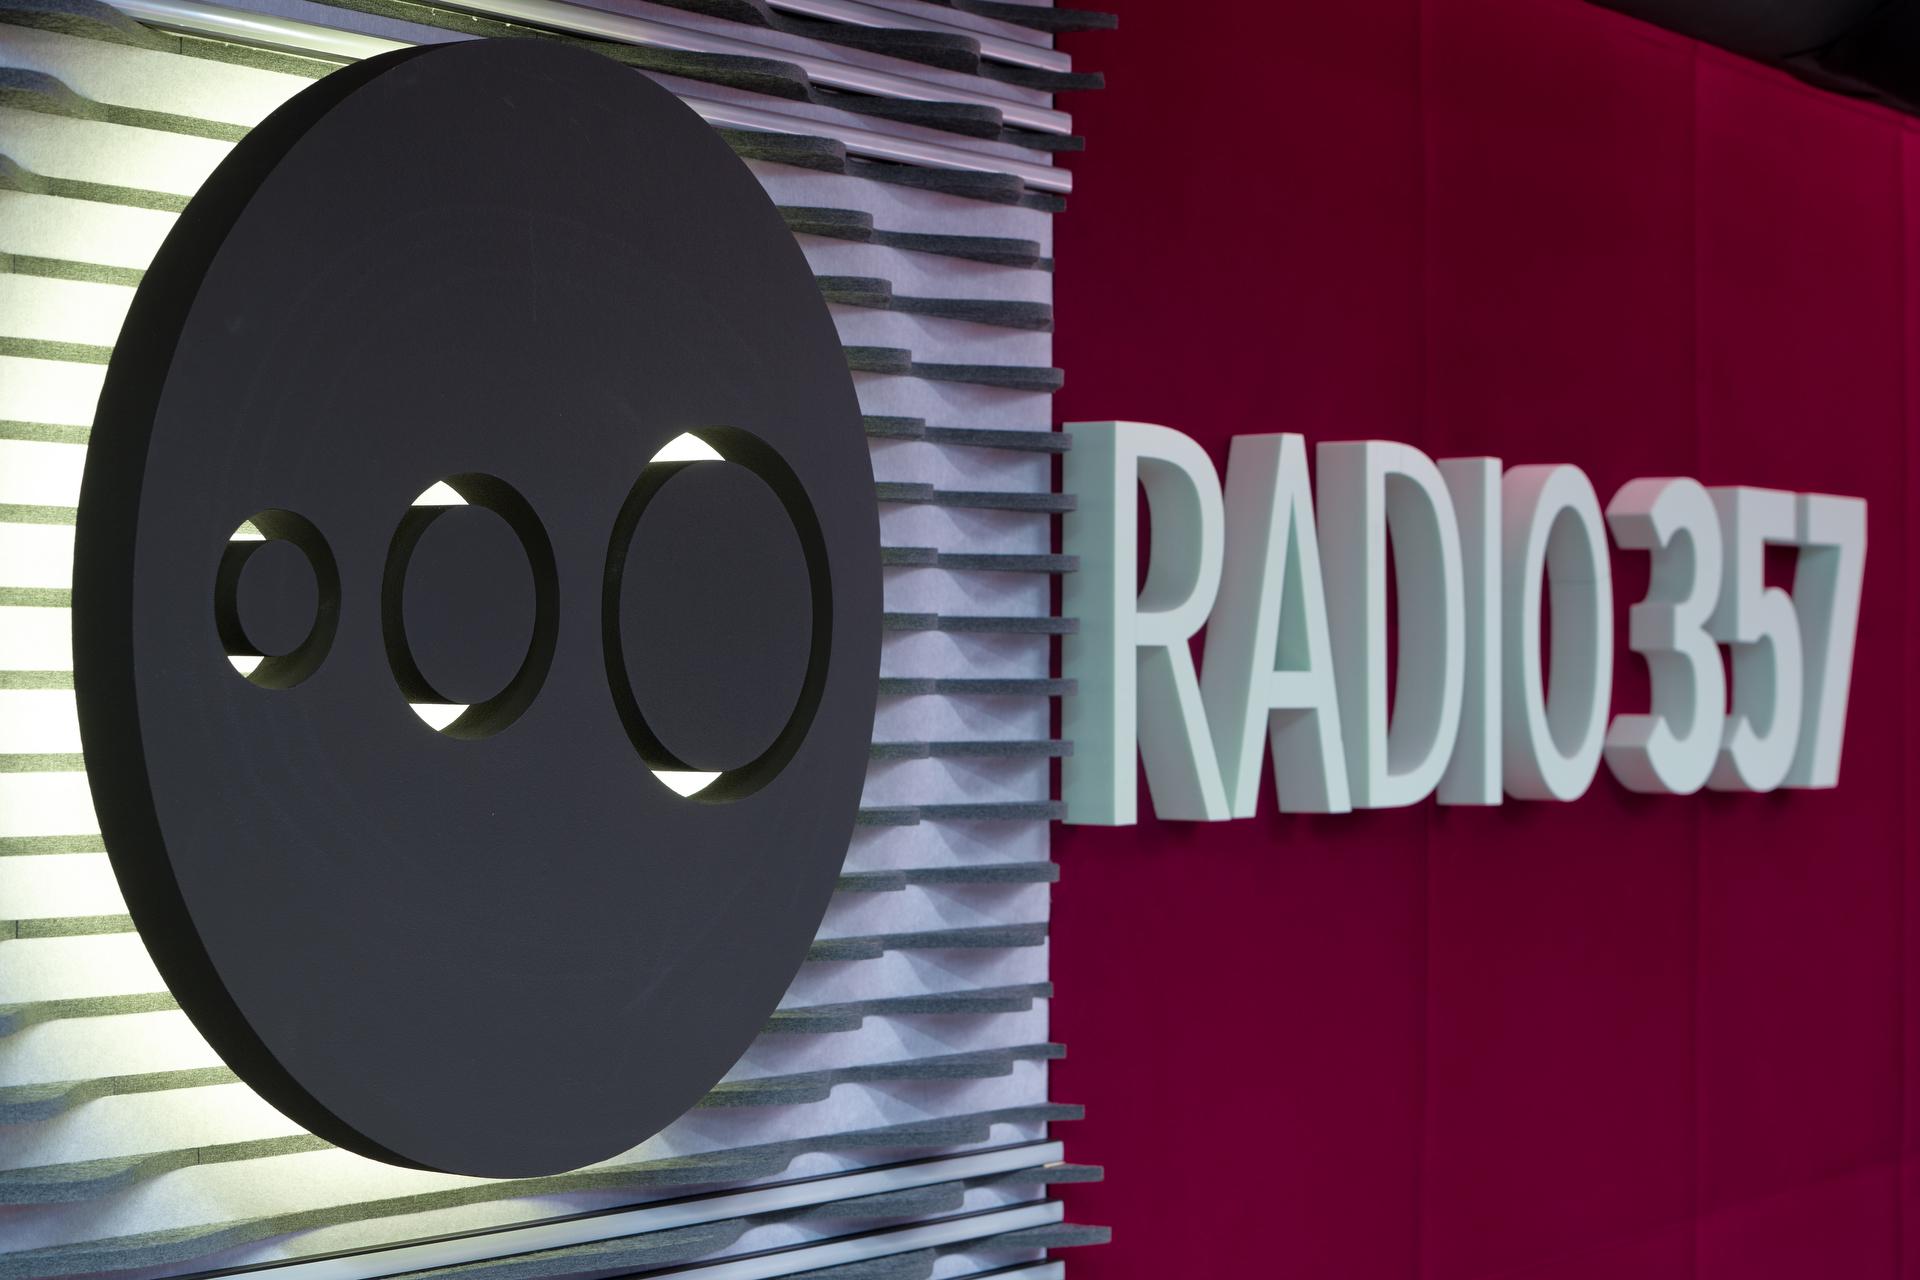 Rośnie platforma podcastowa Radia 357